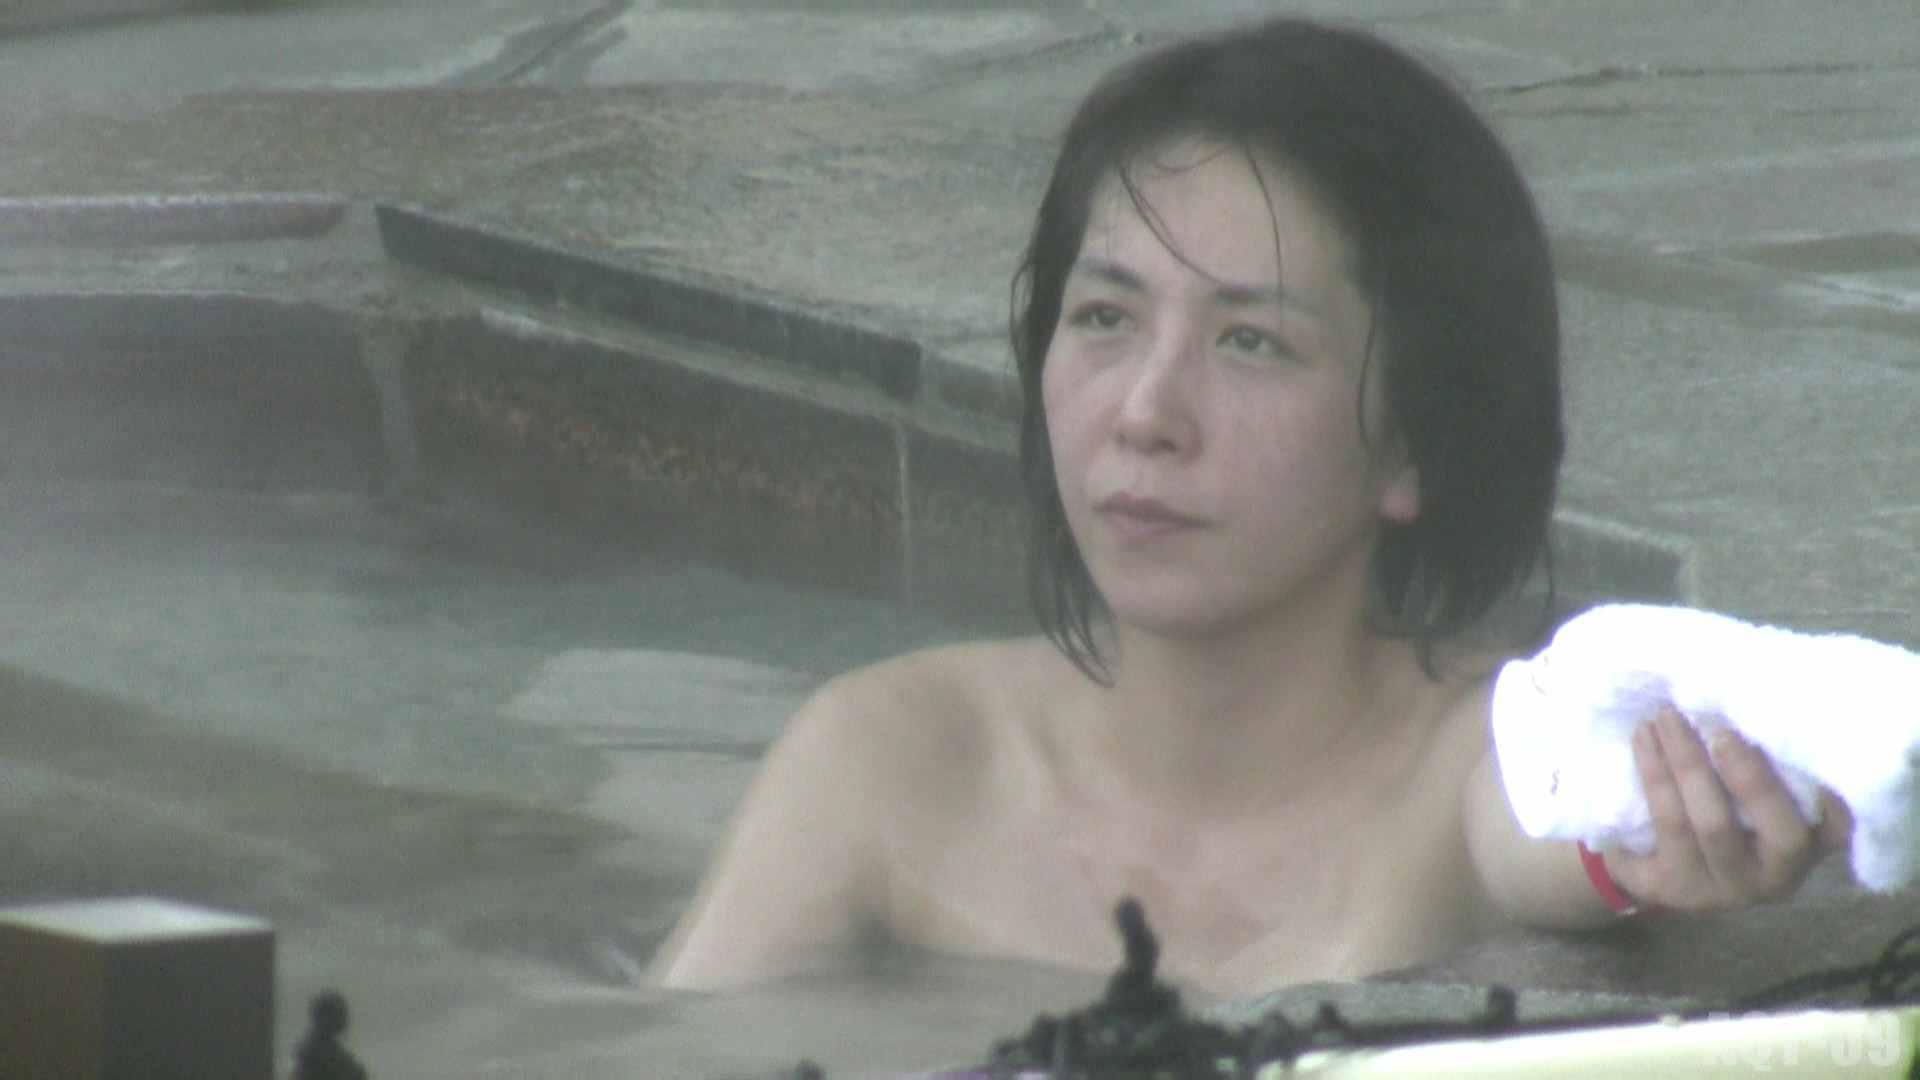 Aquaな露天風呂Vol.788 盗撮師作品   美しいOLの裸体  100pic 34